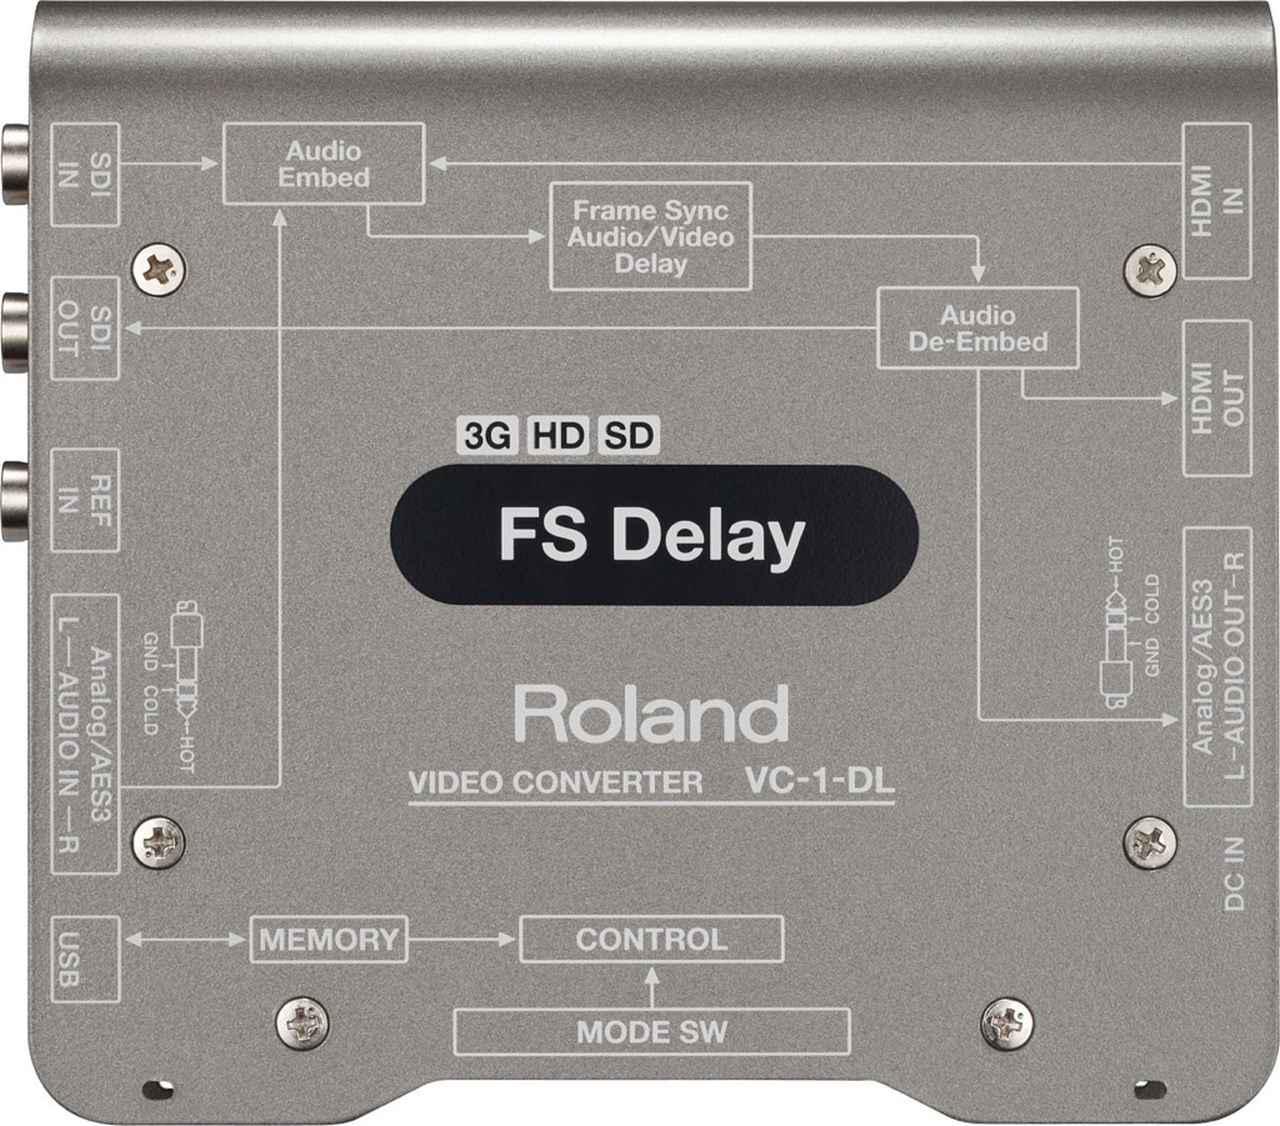 画像: 写真②:FSディレイ機能を持ったローランドのビデオ・コンバーター、VC-1-DL